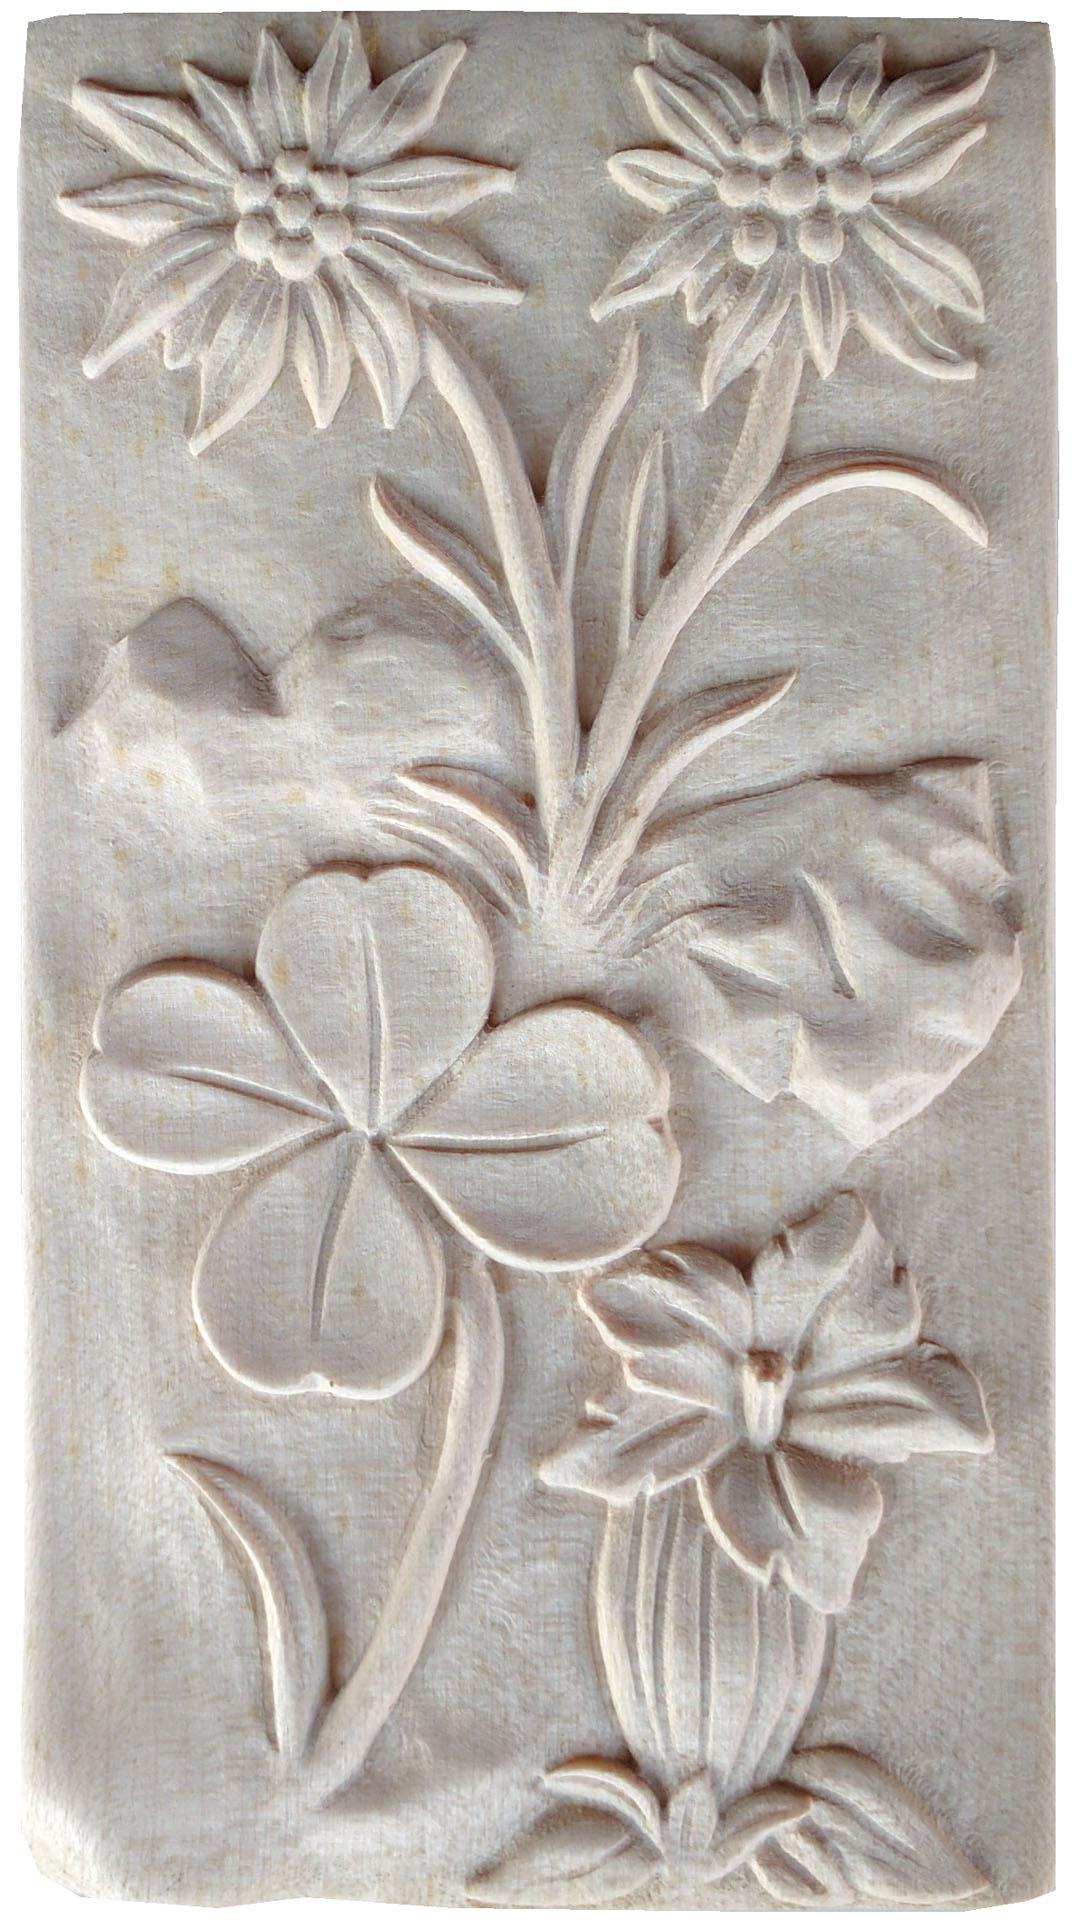 Online shop wood carvings